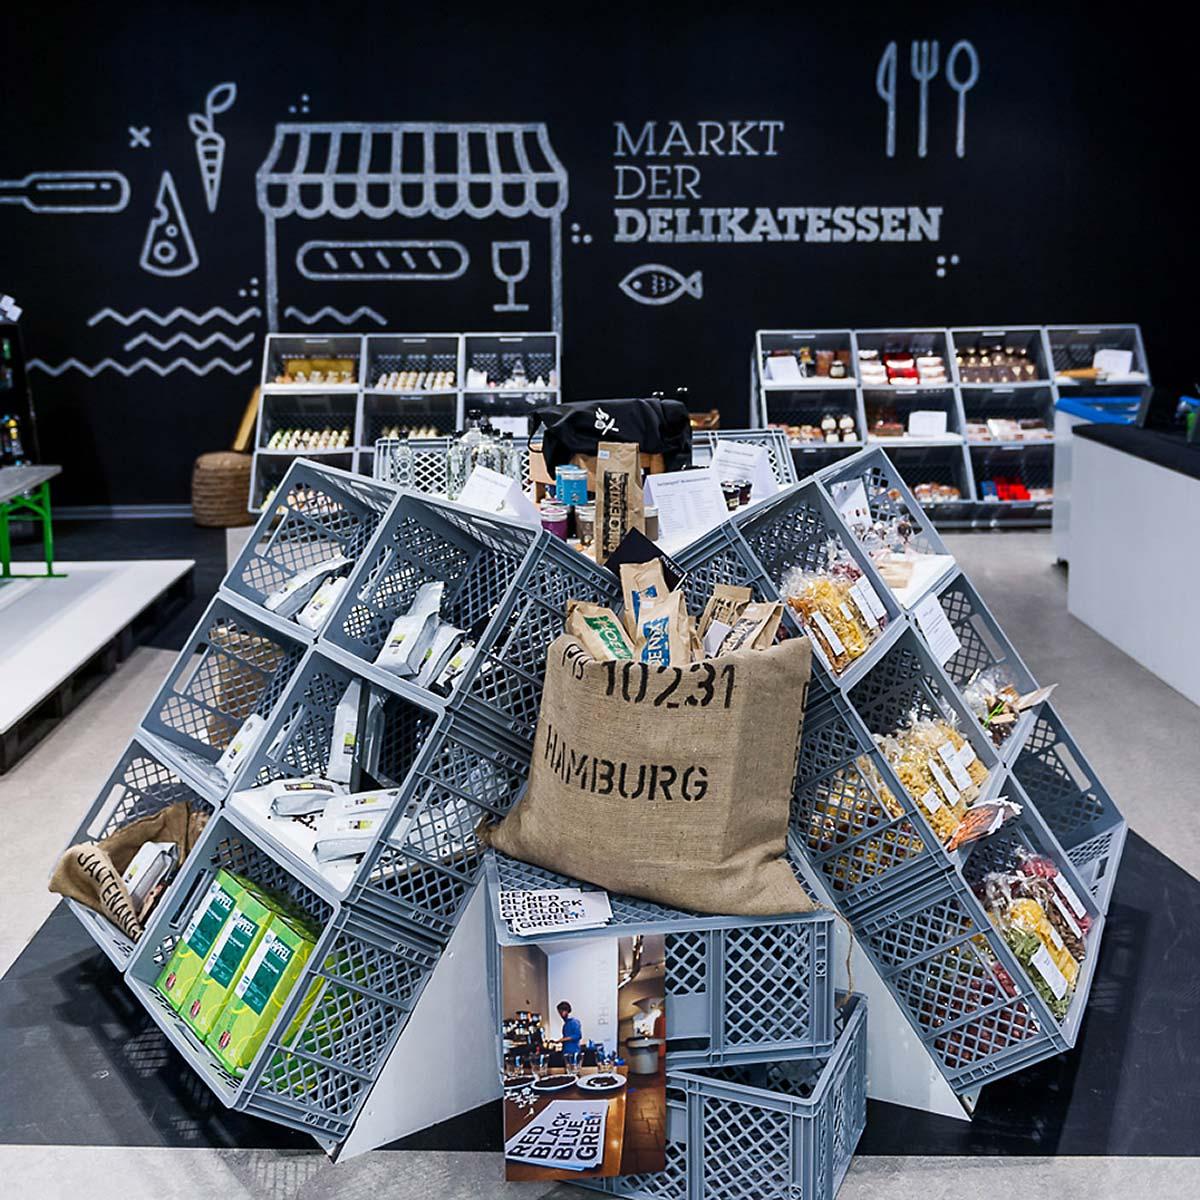 Der HY! Pop Up Store war ein großes Gemeinschaftsprojekt einer Brand Community in der Centrum Galerie Dresden. Ständig neue Waren, immer was los!